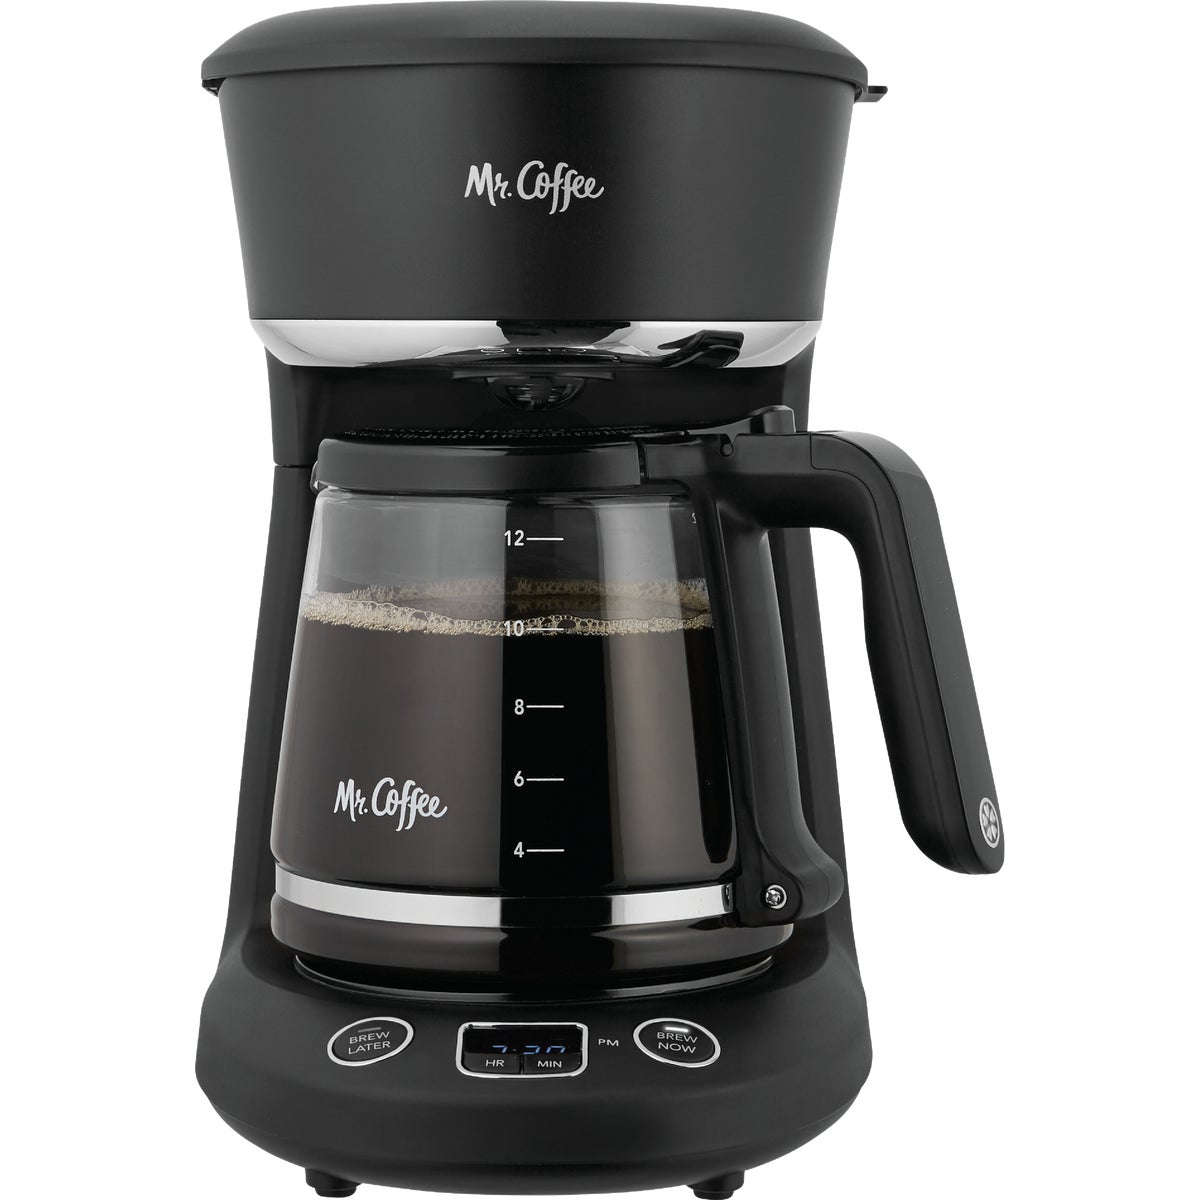 BLK 12 CUP COFFEEMAKER